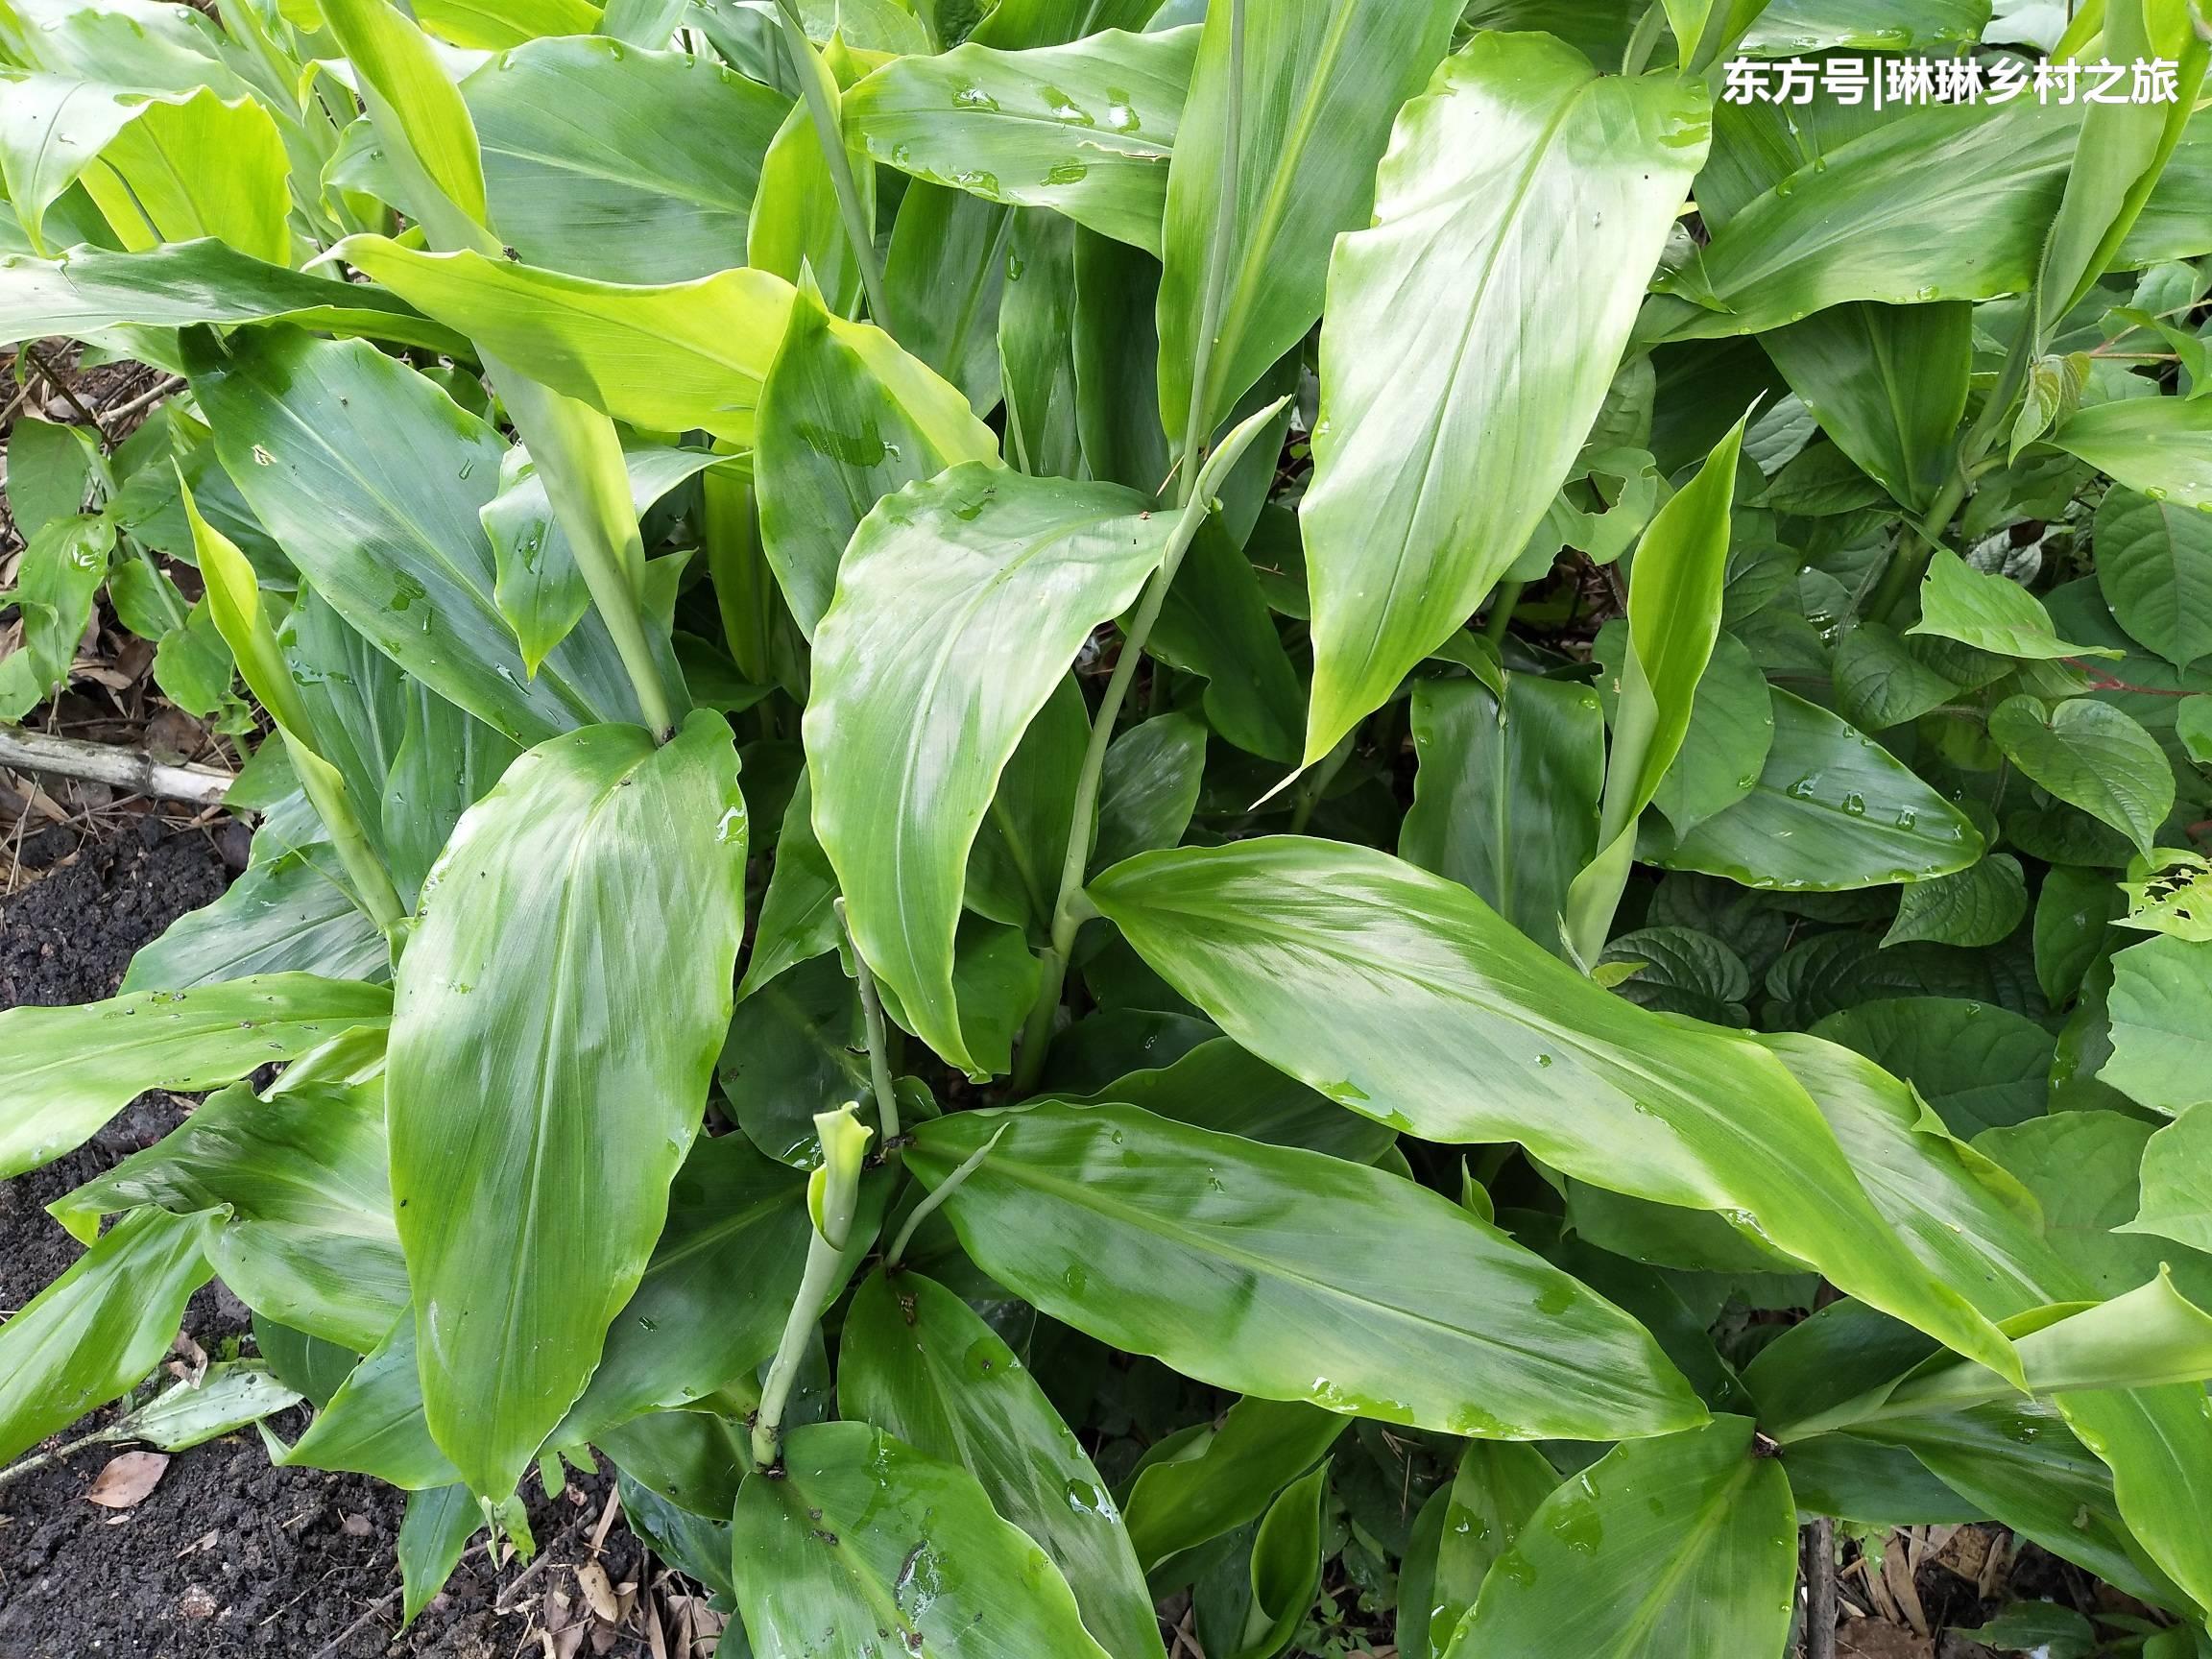 山姜的茎叶有点像生姜,但是比生姜的叶片要大很多.图片